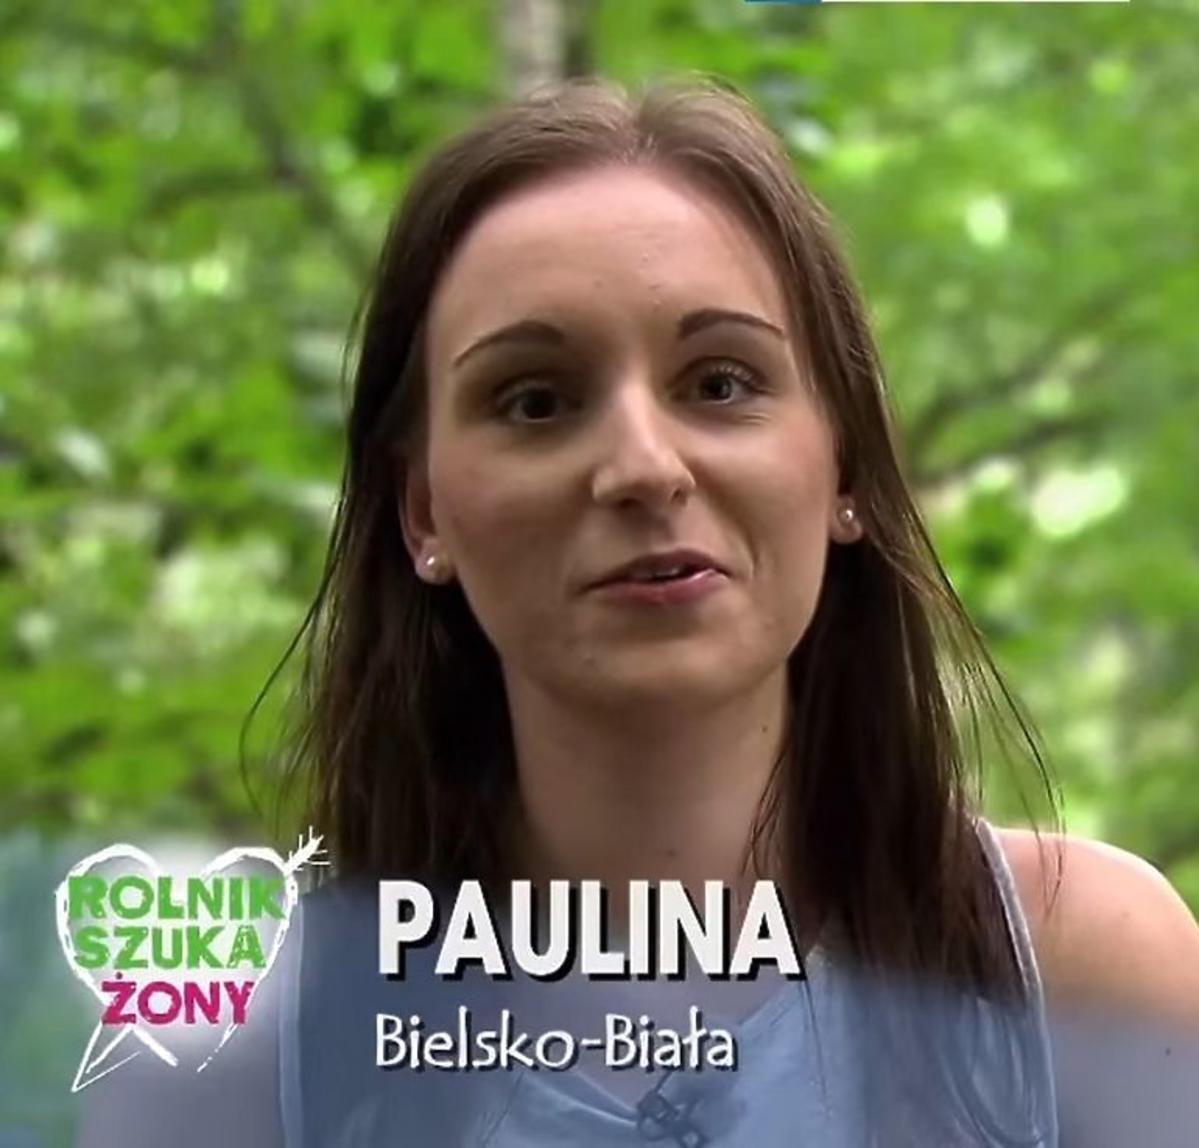 Rolnik szuka żony: Paulina, kandydatka Grześka z 2. edycji